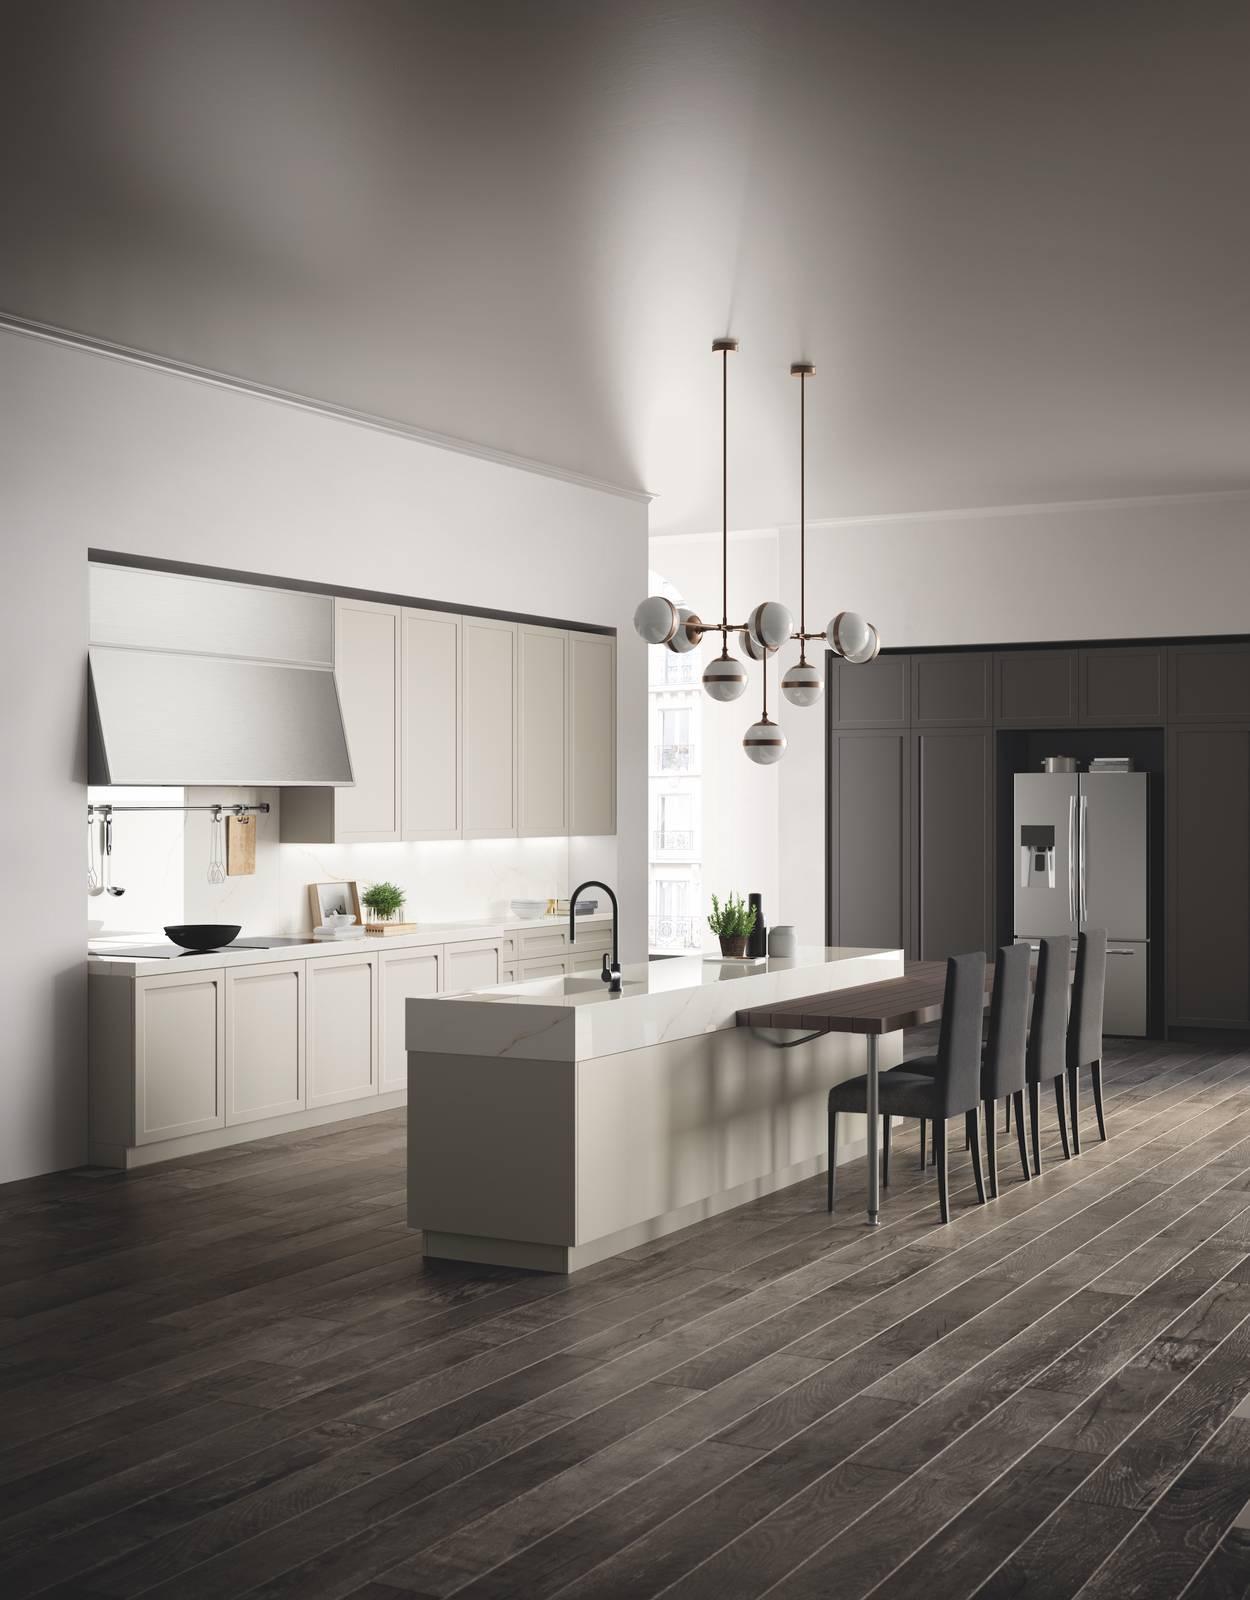 Bancone cucina cool offerta cucina ad angolo con bancone astra cucine modello dada with bancone - Bancone cucina legno ...